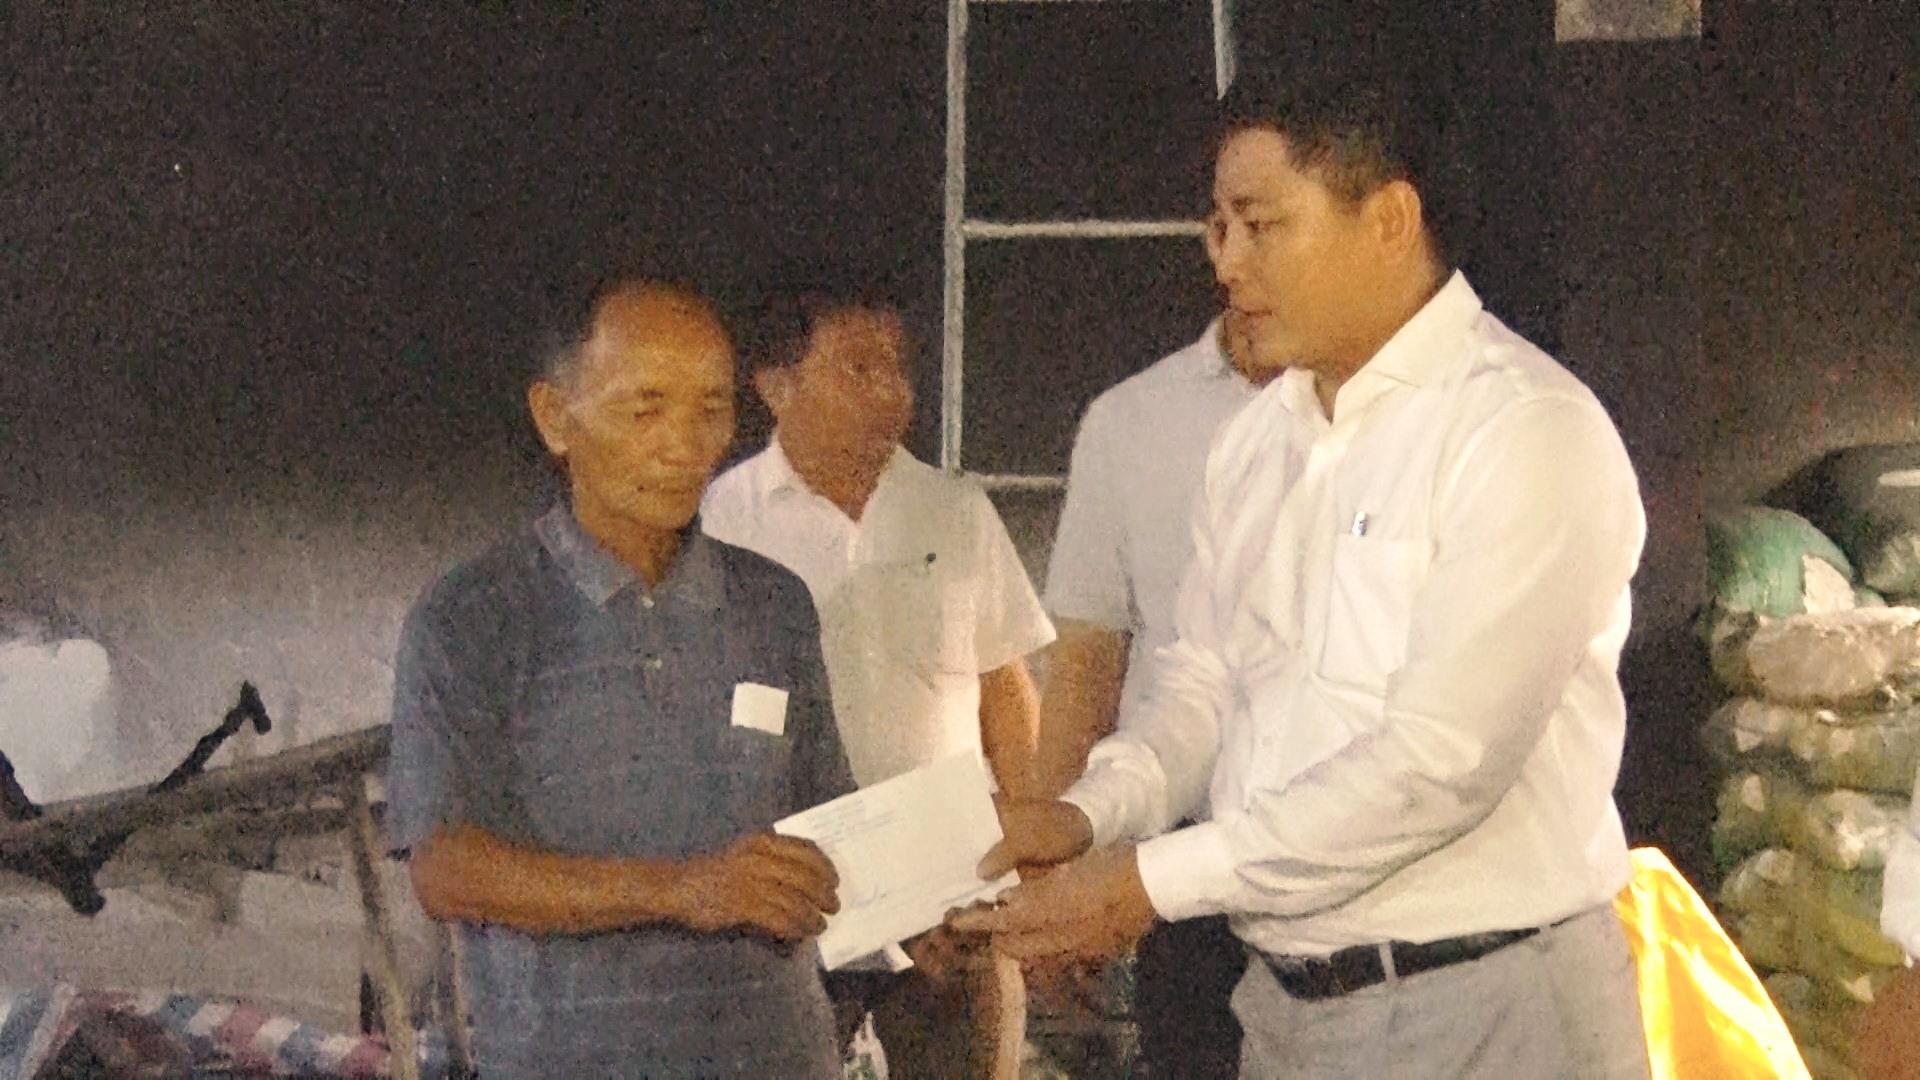 Lãnh đạo huyện Nông Sơn thăm hỏi, động viên và trao 10 triệu đồng tiền hỗ trợ gia đình.